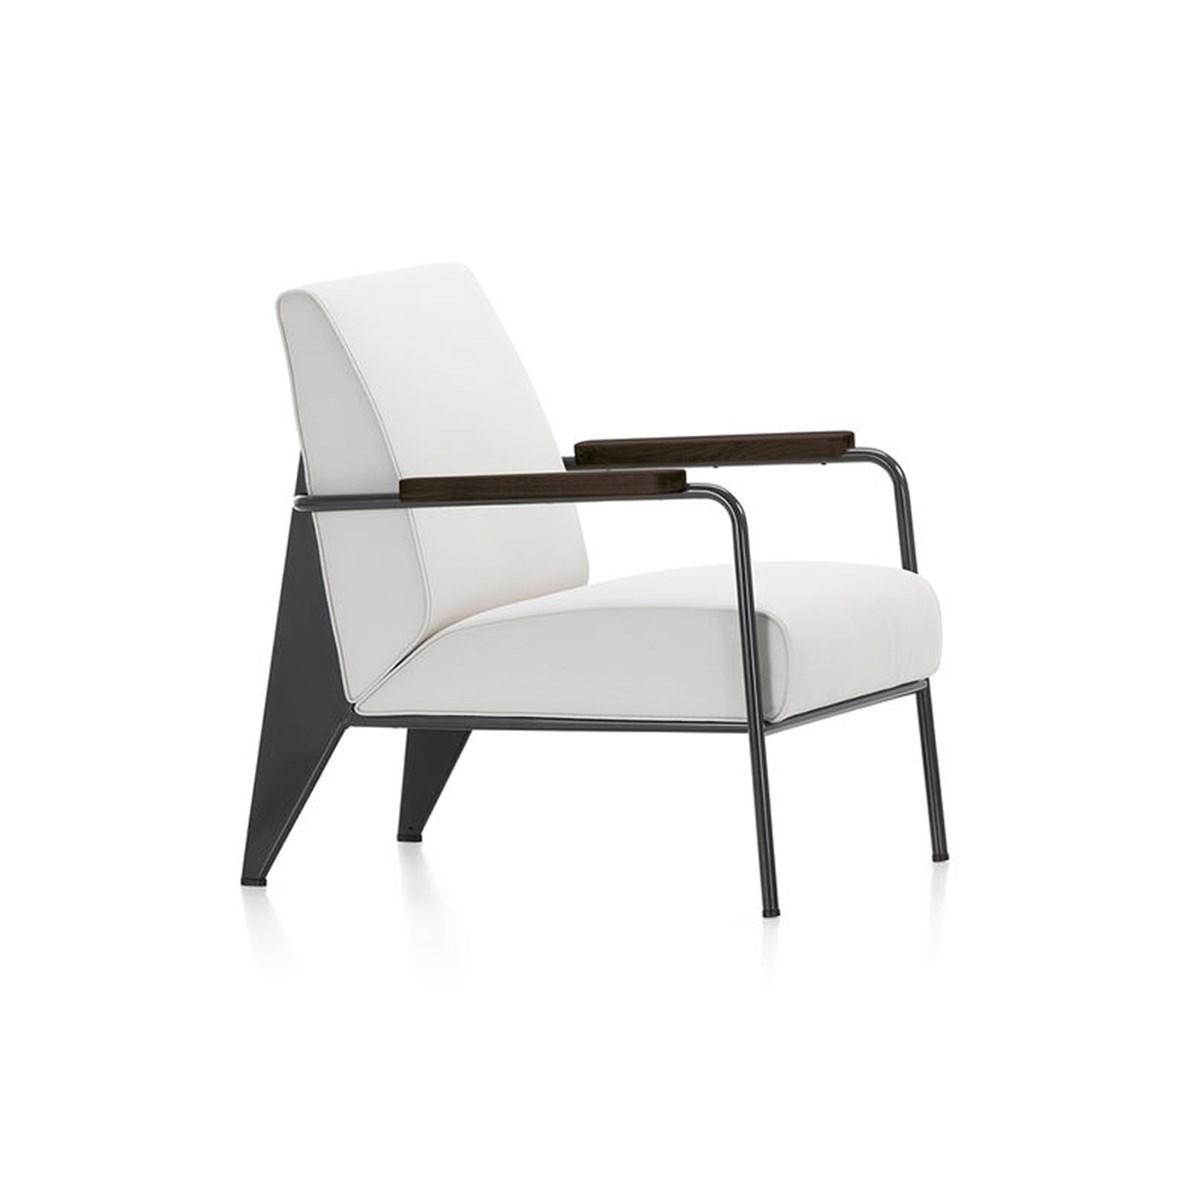 Vitra-Jean-Prouvé-Fauteuil-De-Salon-Armchair-Matisse-1